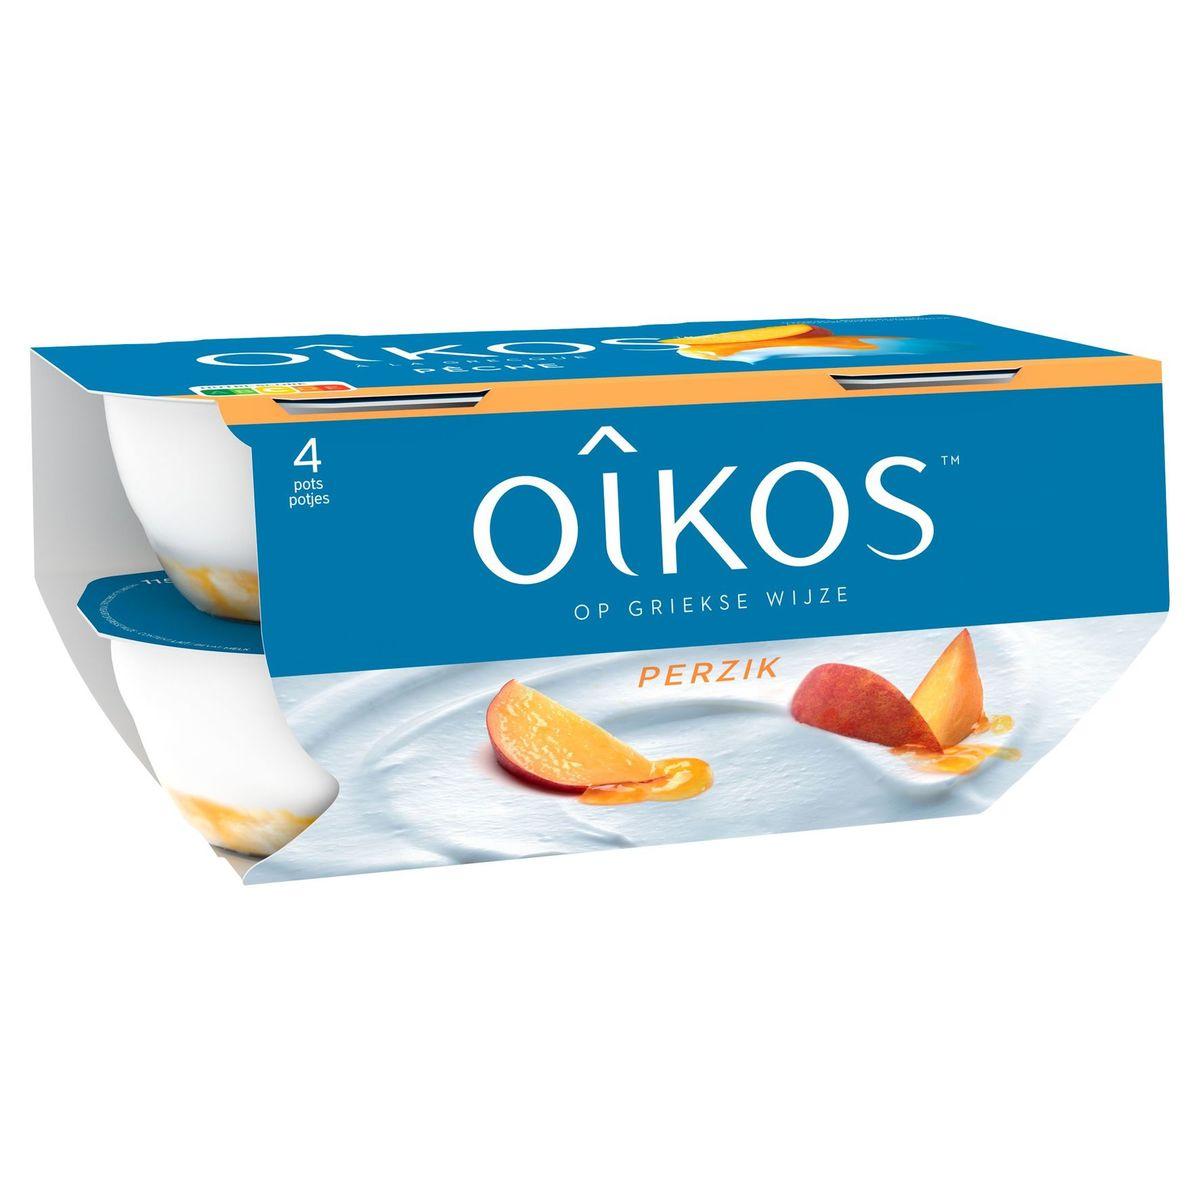 Oikos Yaourt à la Grecque Pêche 4 x 115 g